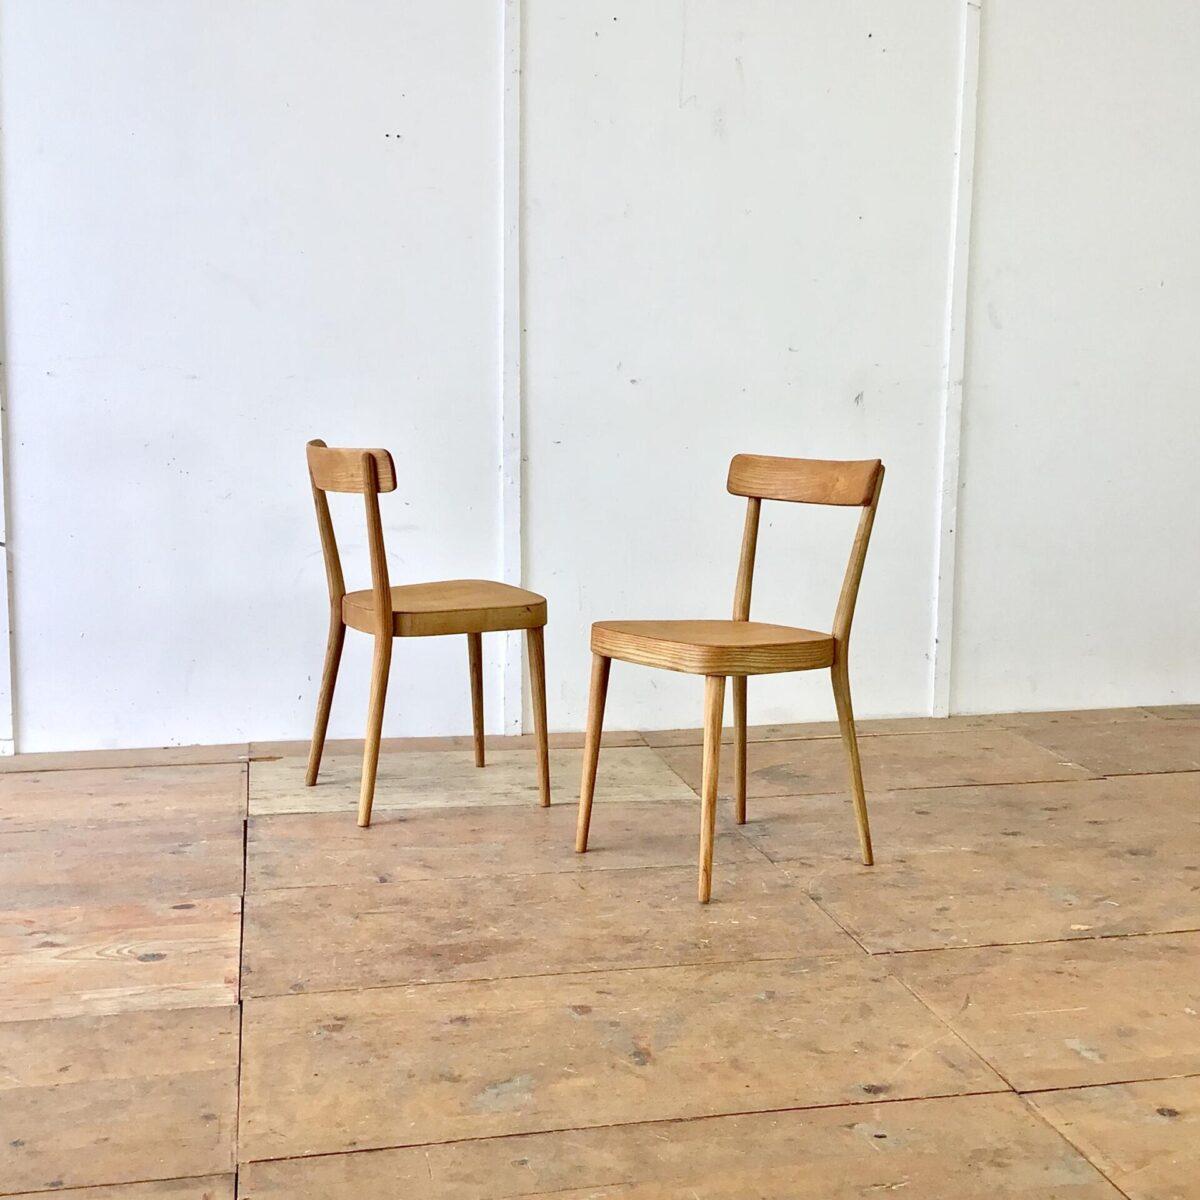 Deuxieme.shop designklassiker. Zwei horgenglarus Stühle von Max Moser aus Eschenholz. Die Stühle sind stabil, Vorderbeine teilweise frisch eingeleimt. Komplett geschliffen und Natur geölt. Warm-matte honiggelbe Ausstrahlung, mit Alterspatina.